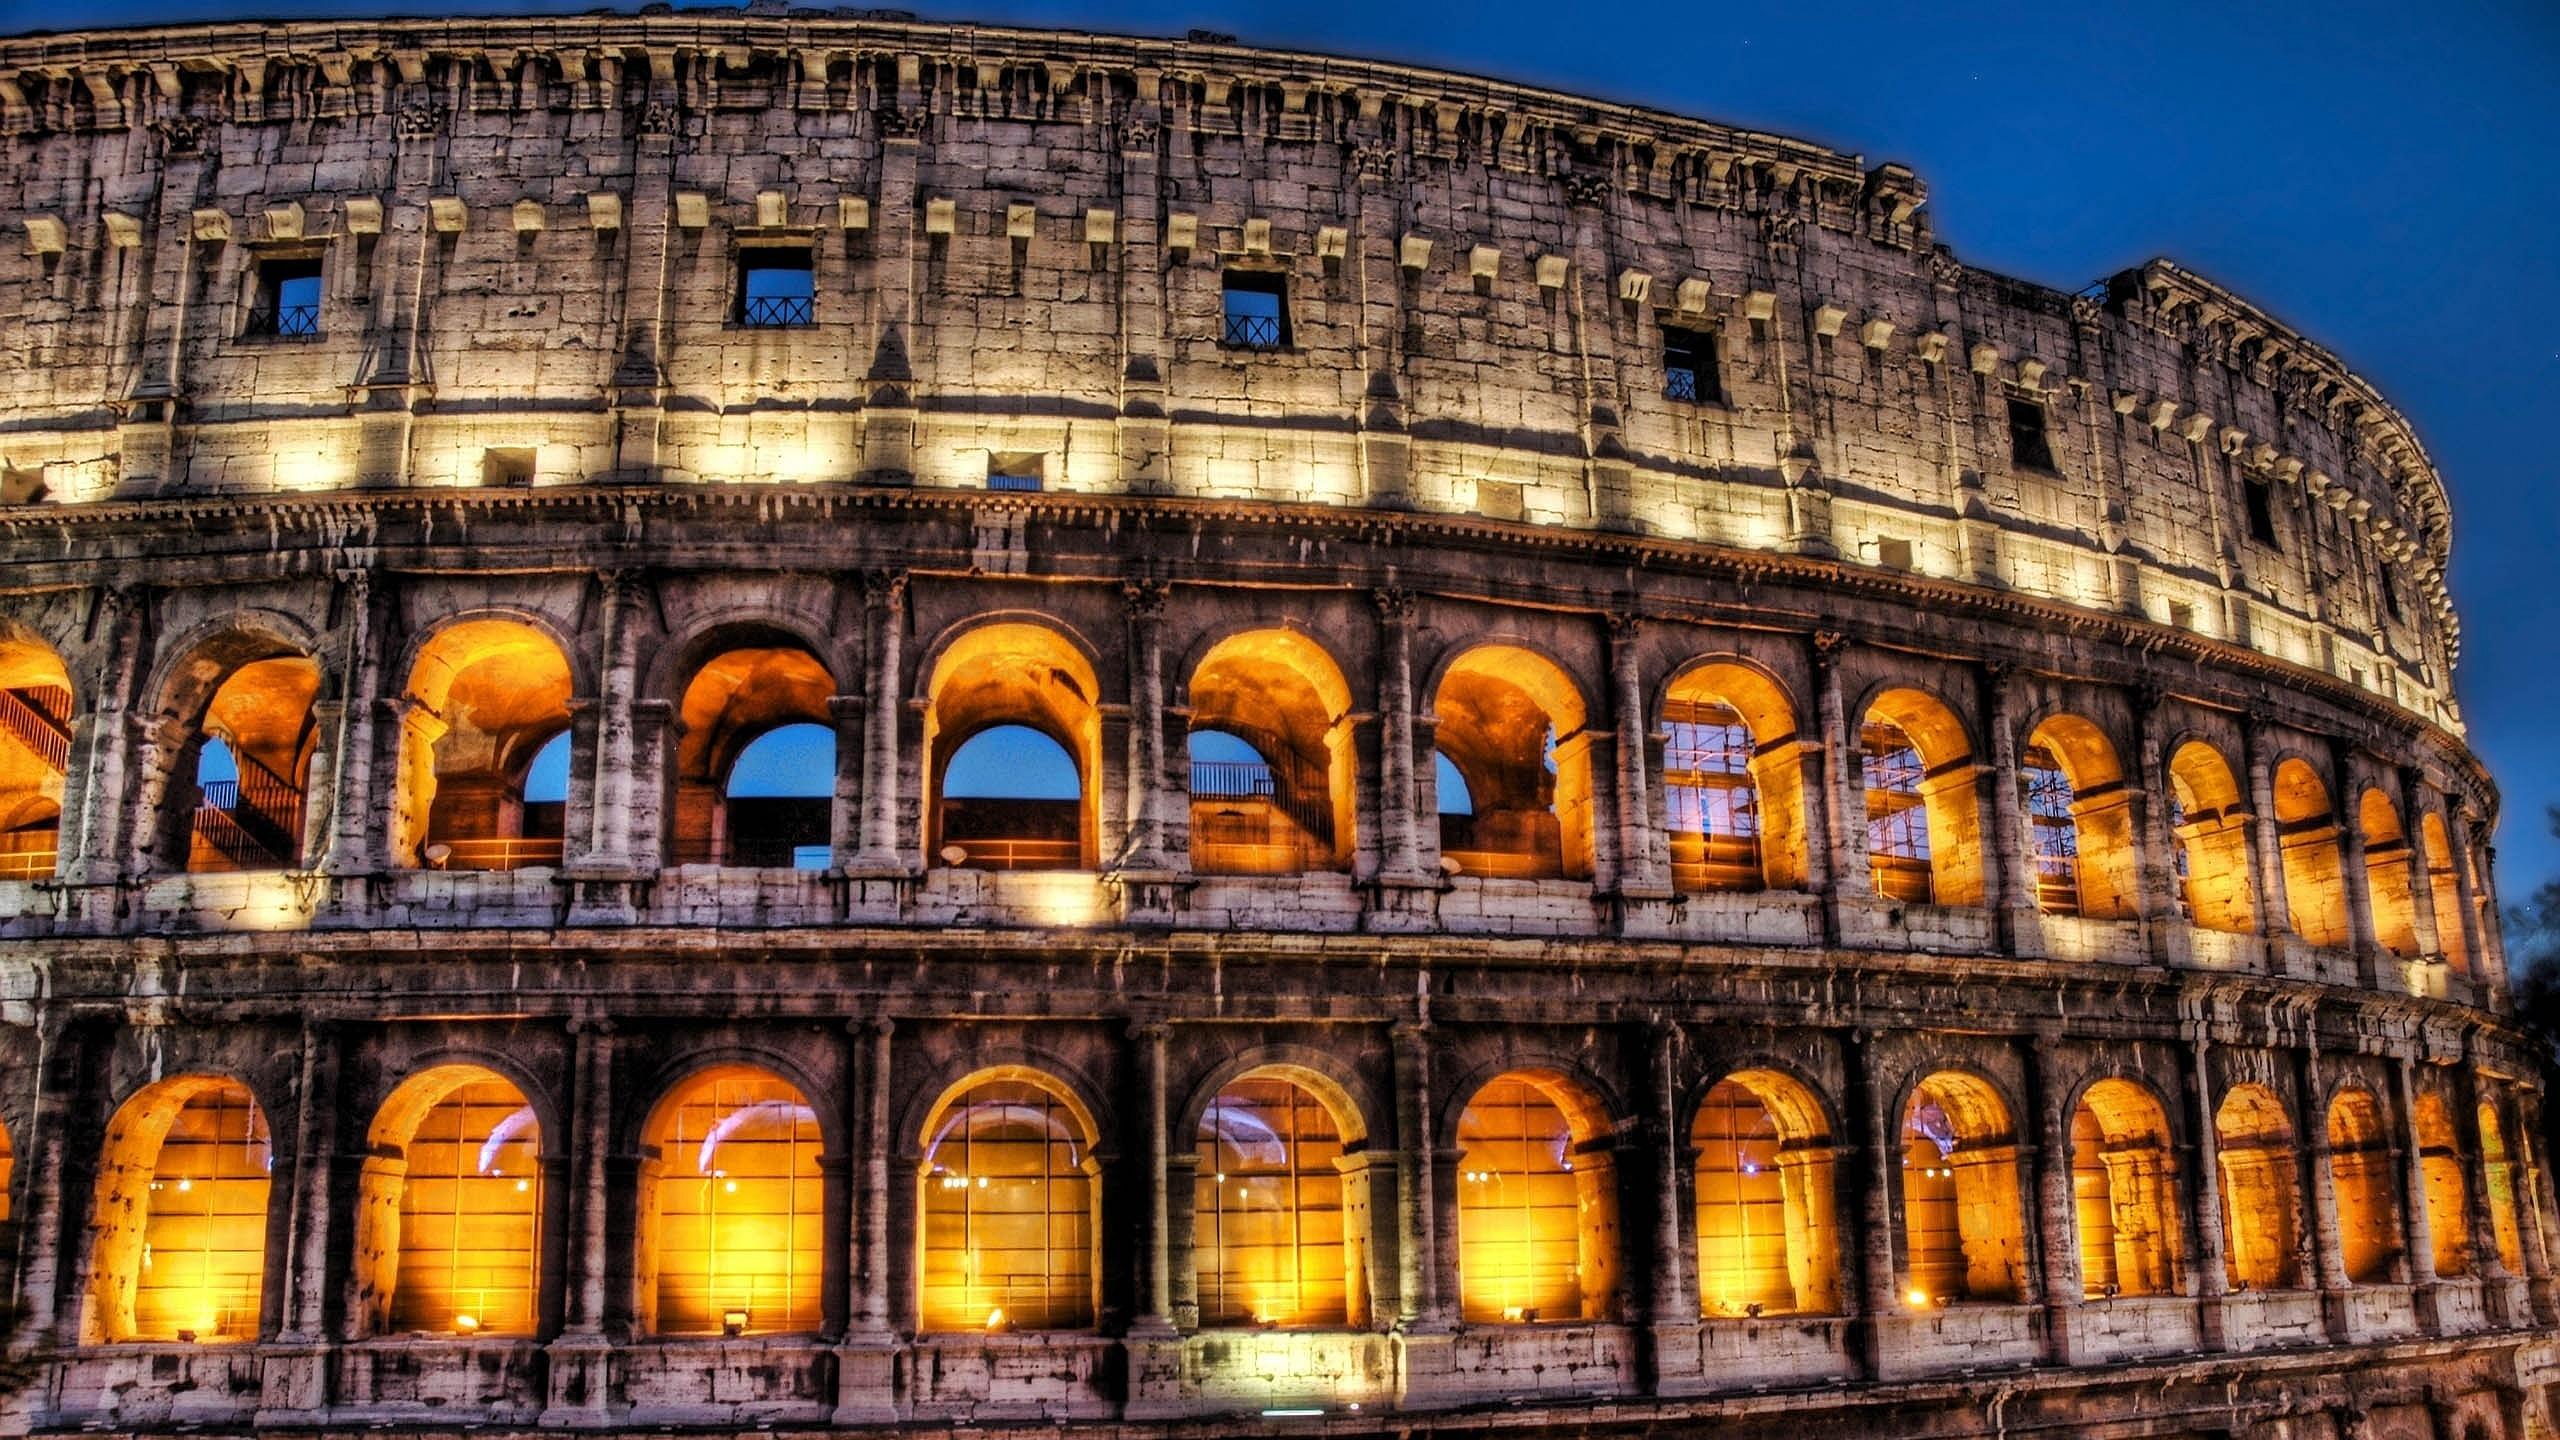 罗马斗兽场图片 [jpgrg上一幅:罗马斗兽场图片素材下一幅:欧洲罗马